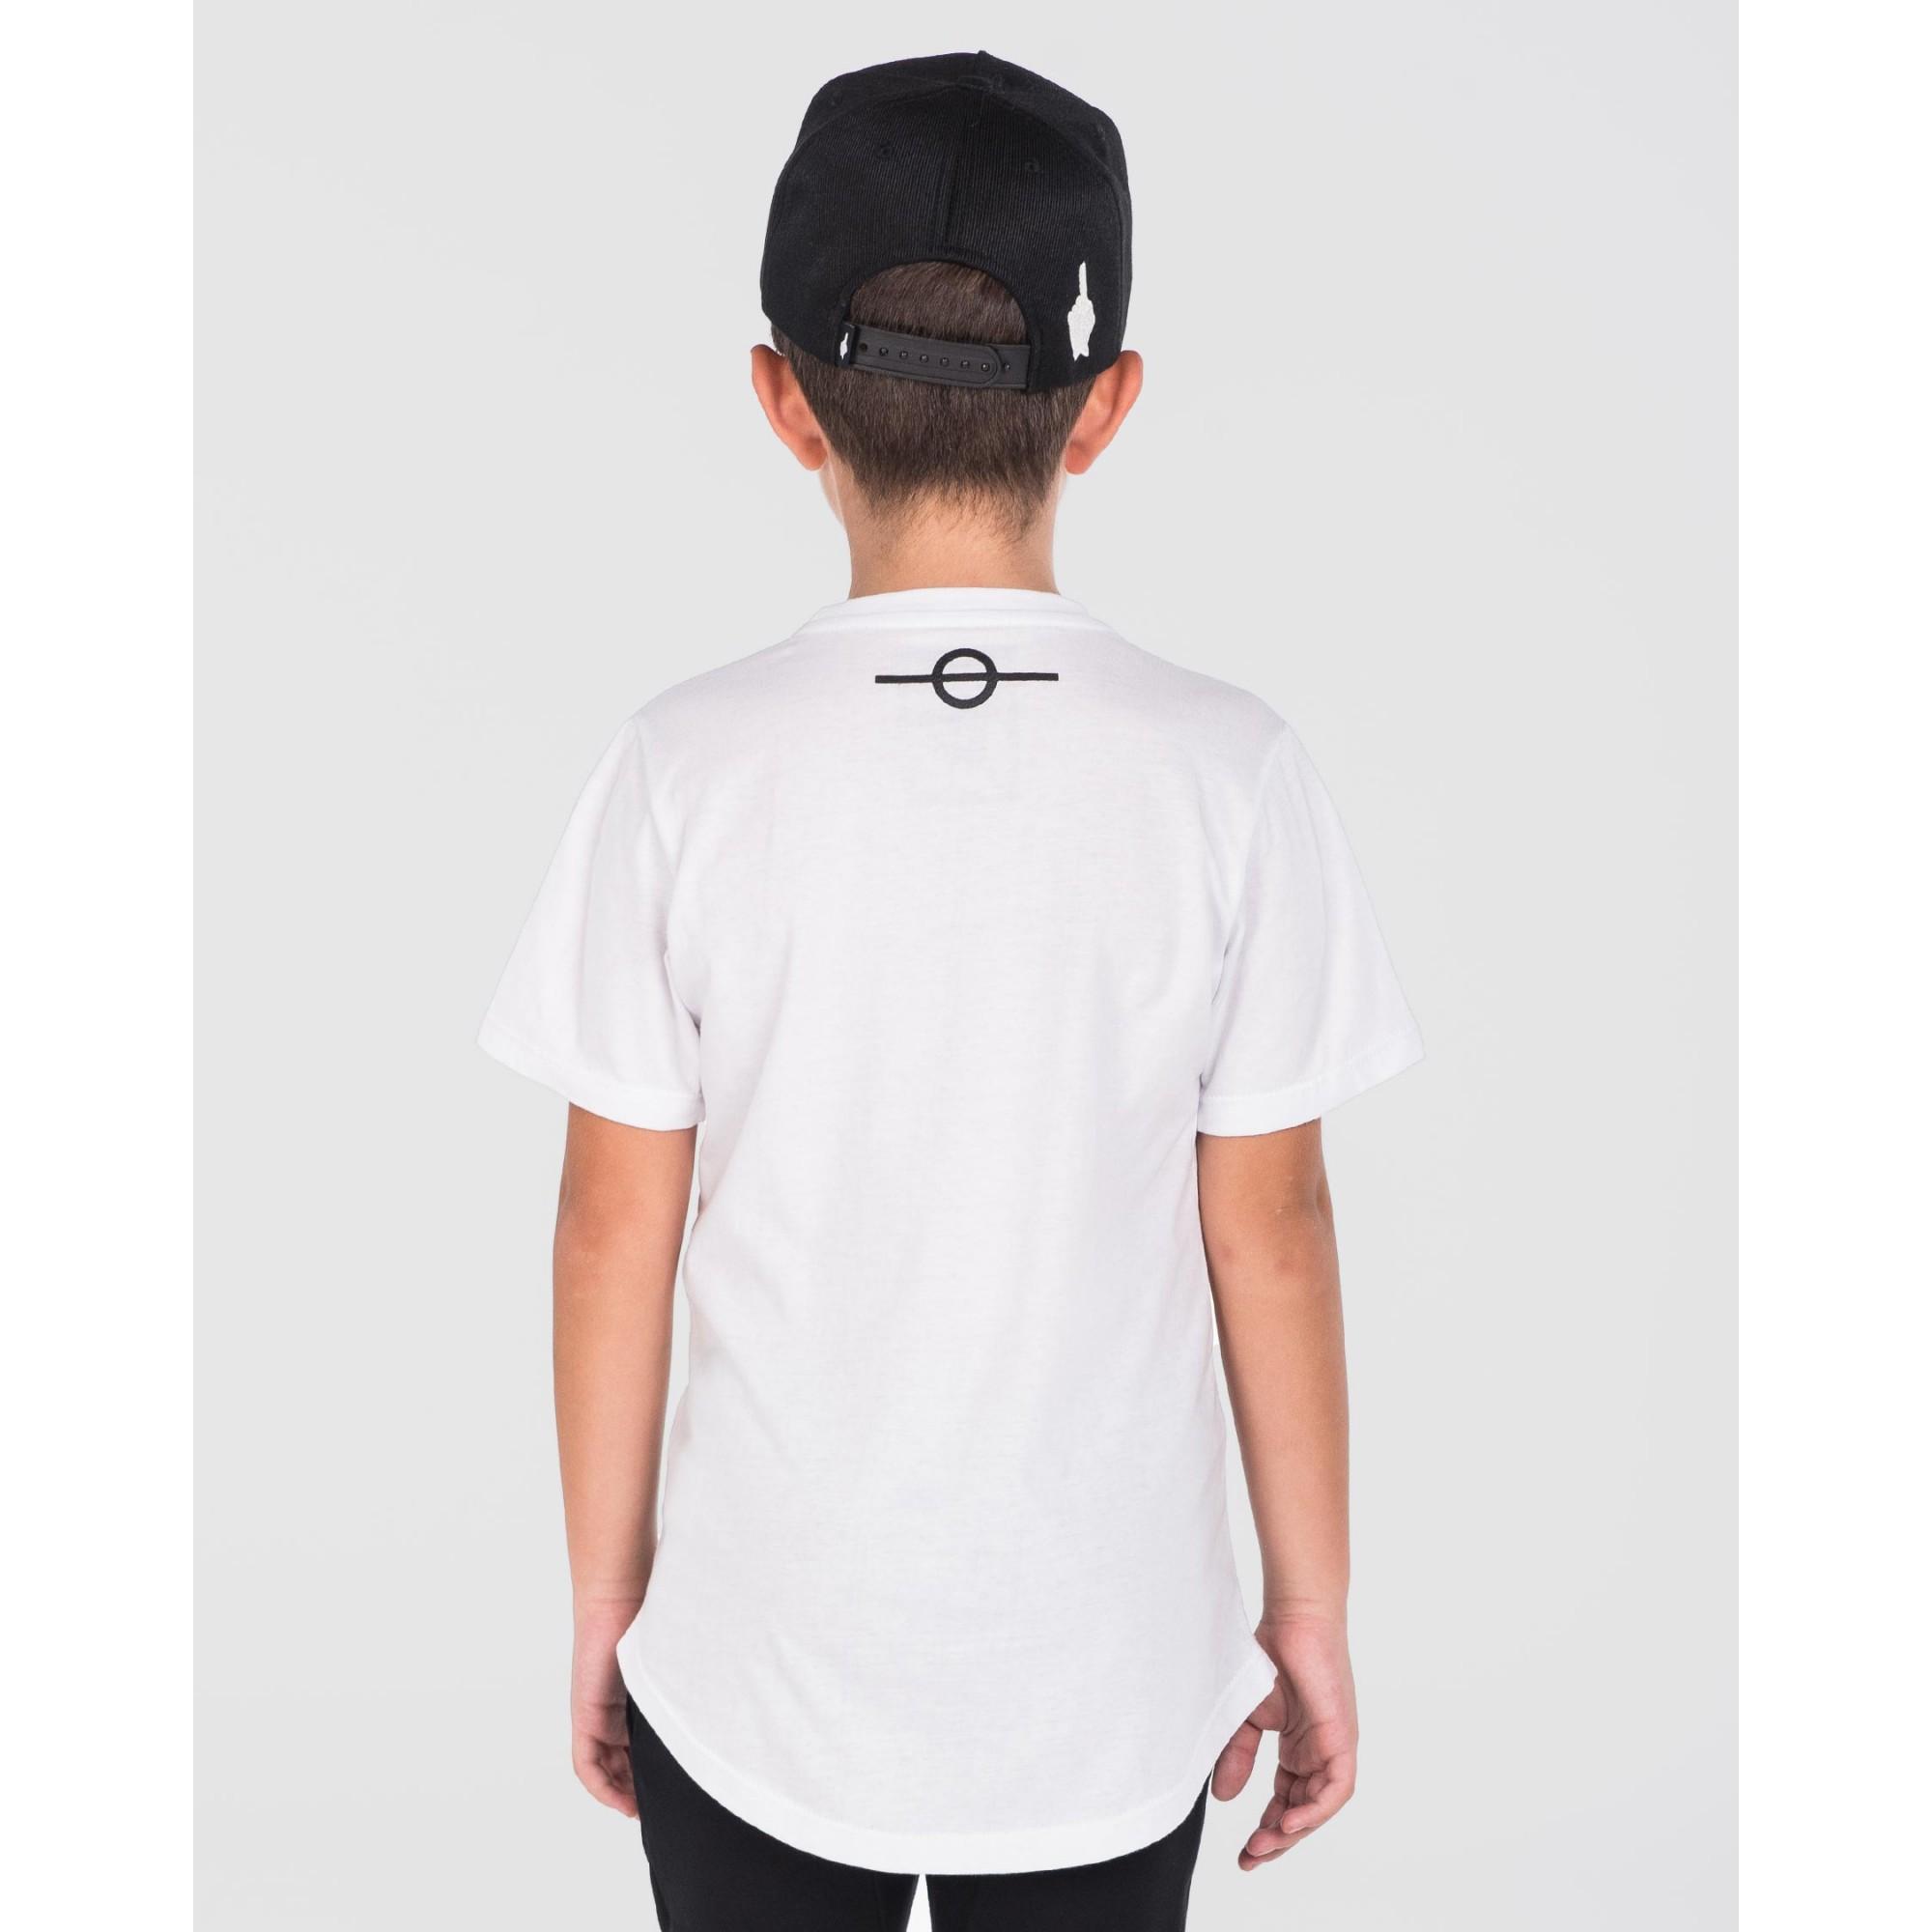 Camiseta Buh Kids Bordado White